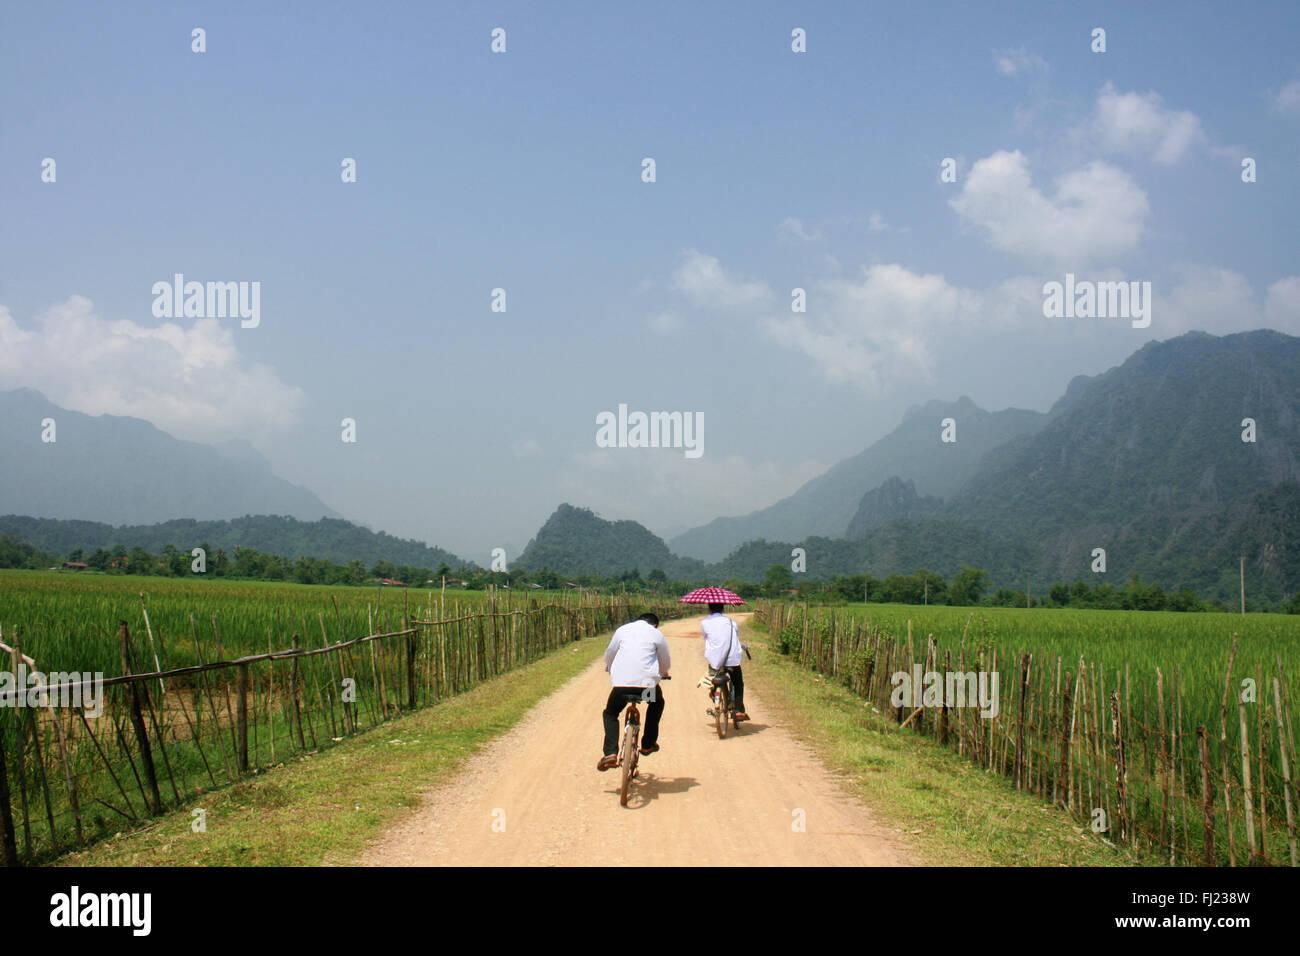 Deux personnes à vélo dans un paysage typique autour de Vang Vieng village , Laos , Asie du Sud Est Photo Stock